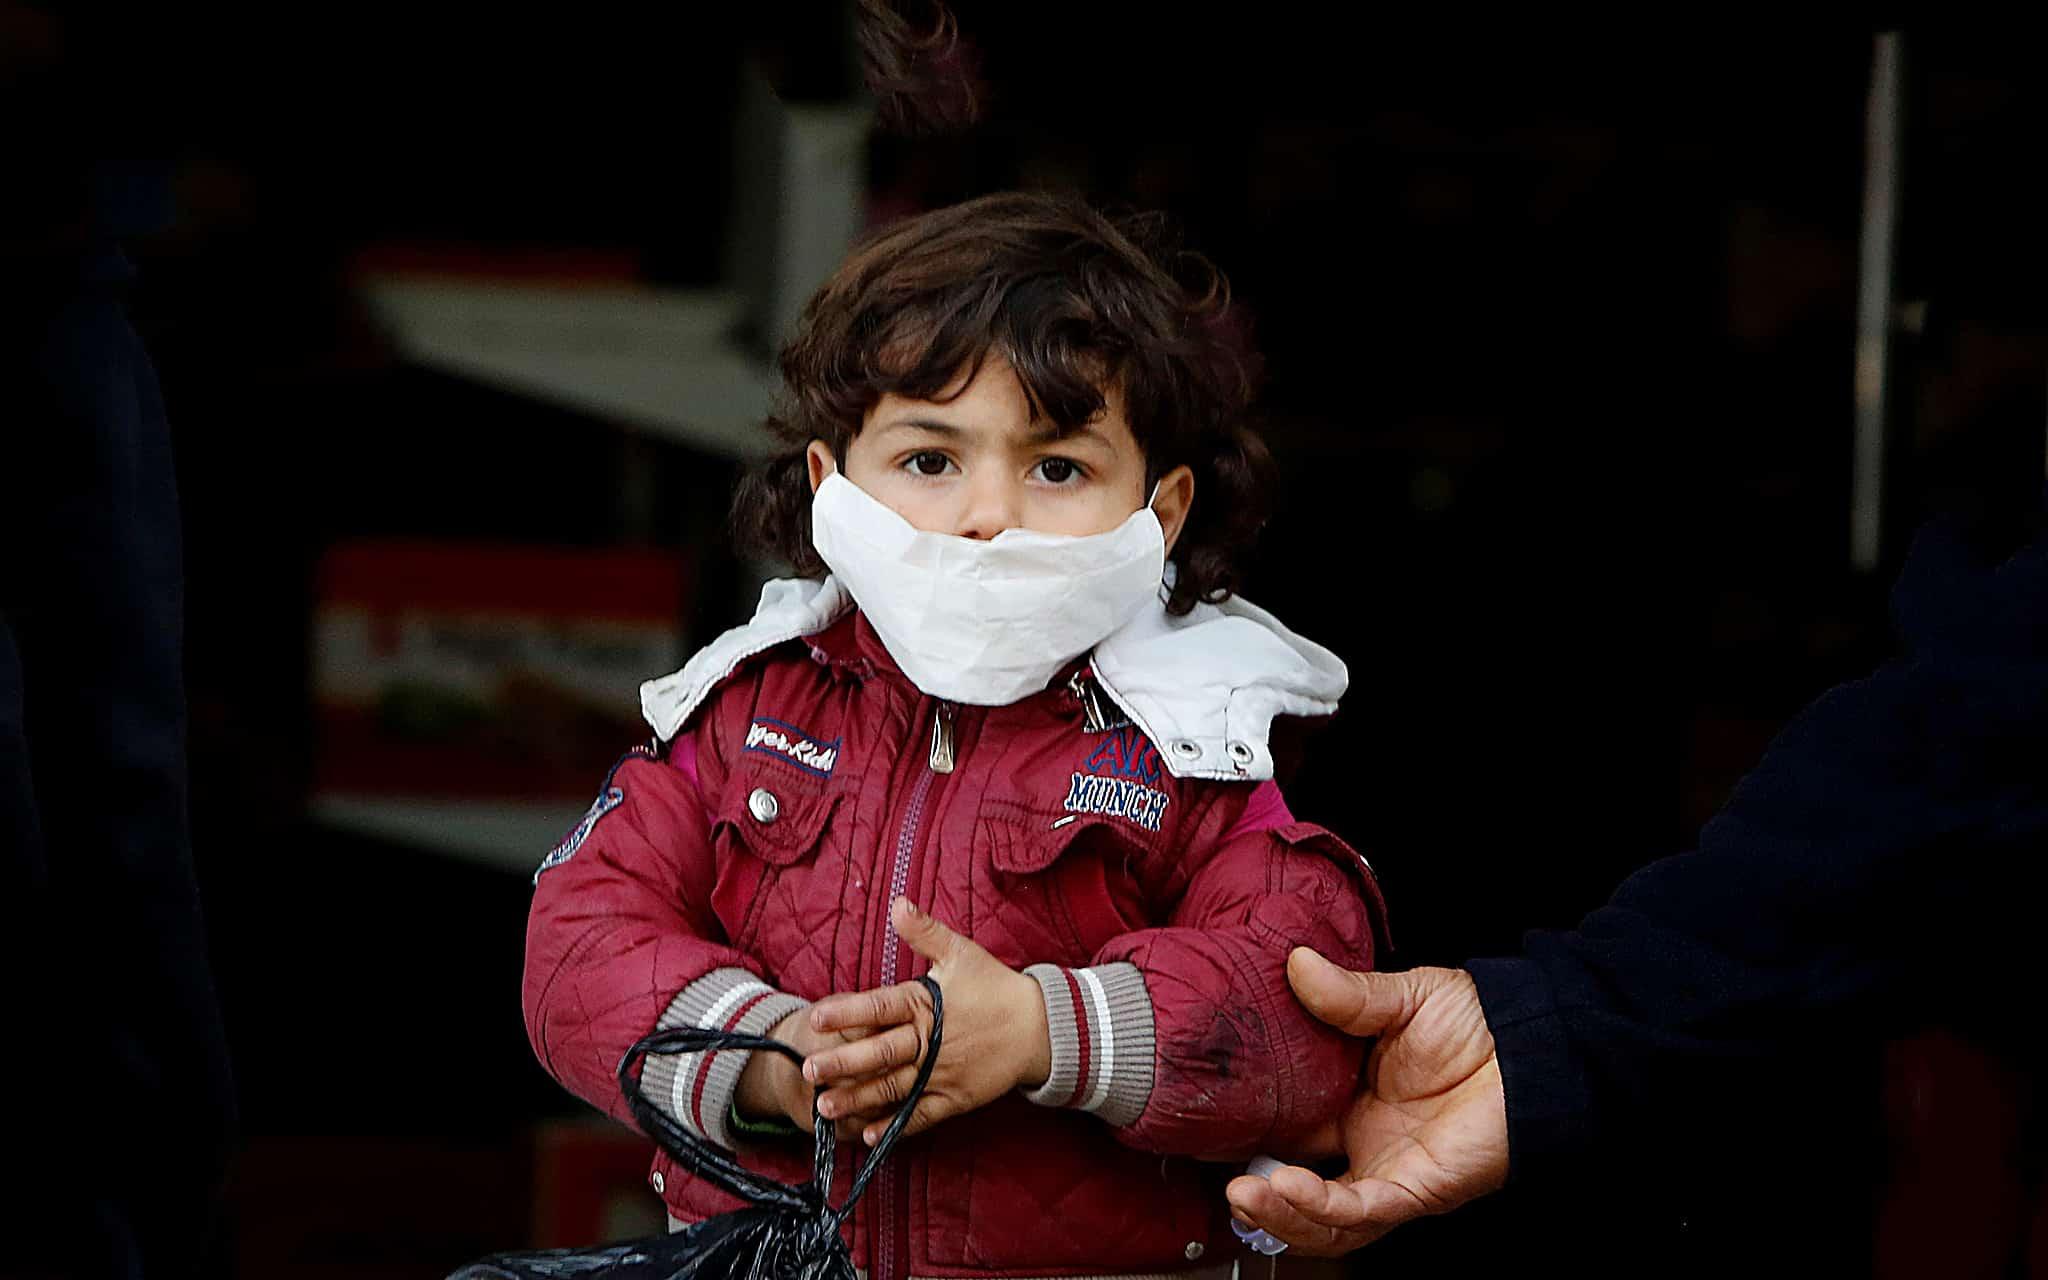 משבר הקורונה: ילד פלסטיני חובש מסכה במחנה פליטים ברצועת עזה, מרץ 2020 (צילום: AP Photo/Hatem Moussa)